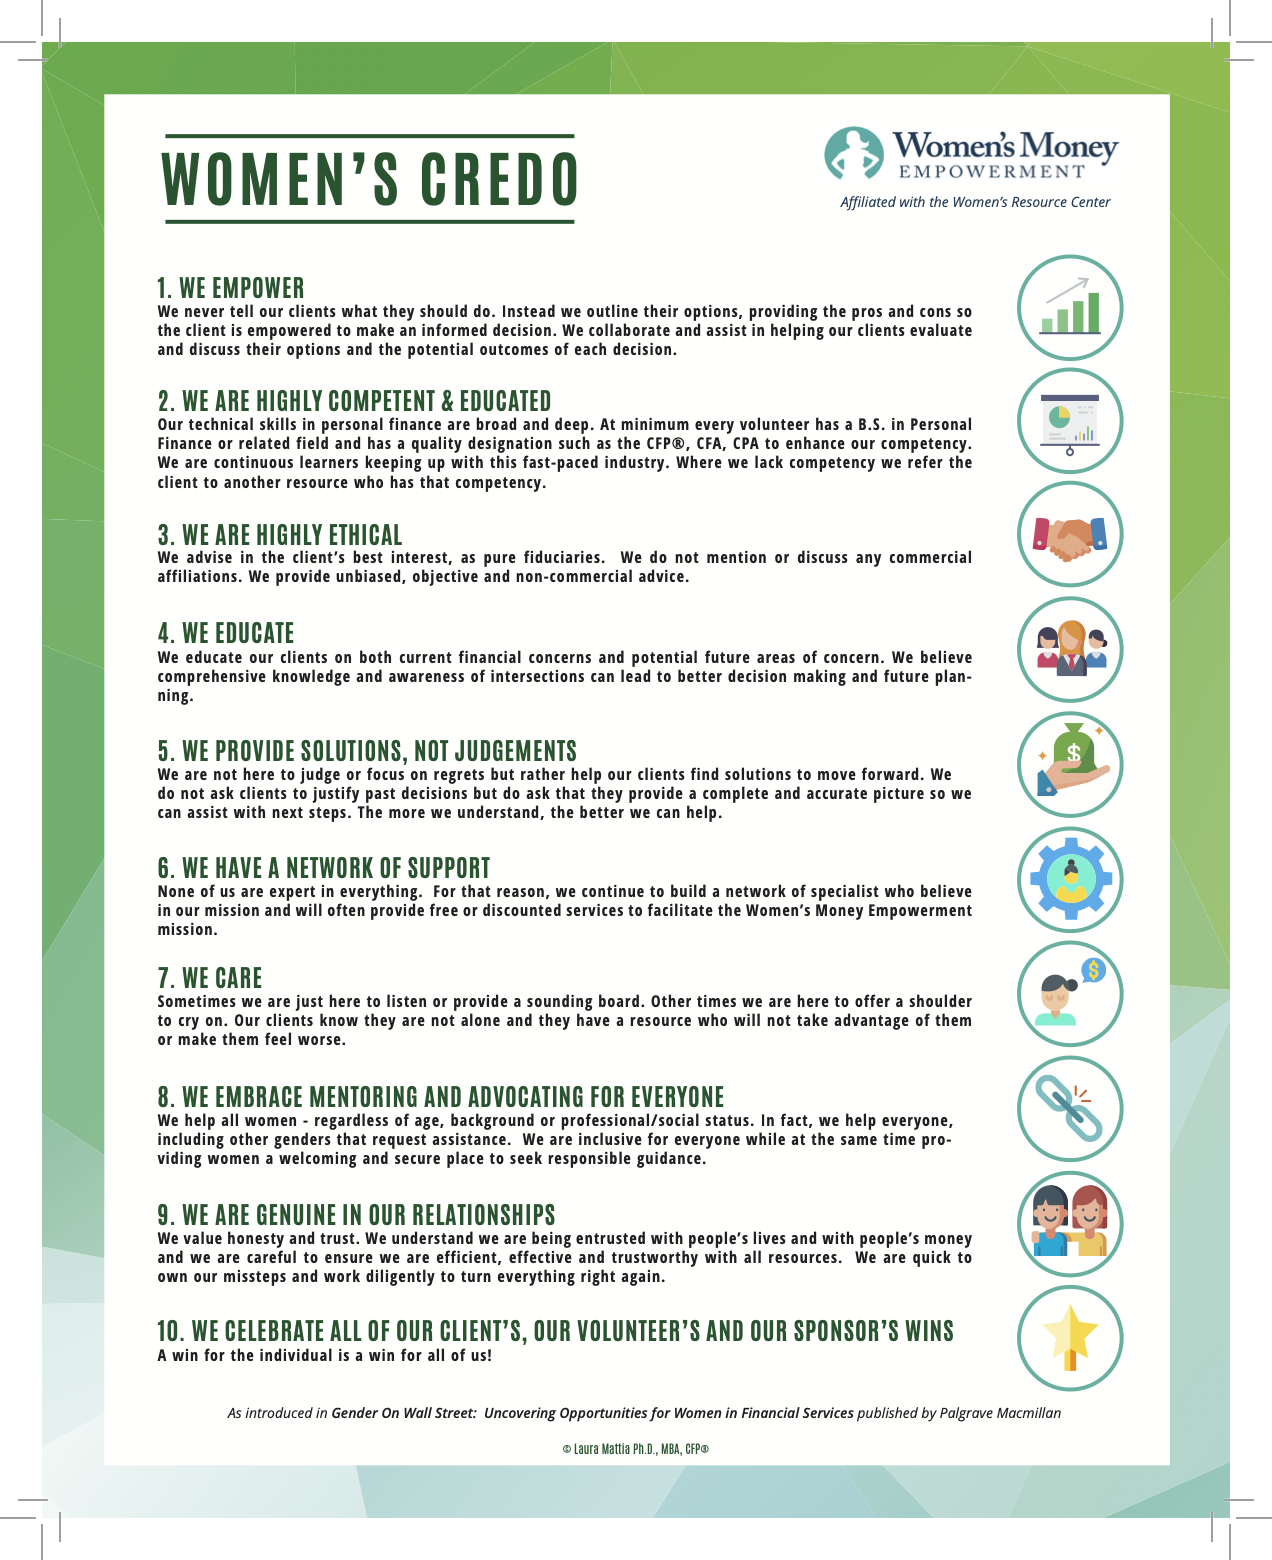 Women's Credo-Women's Money Empowerment